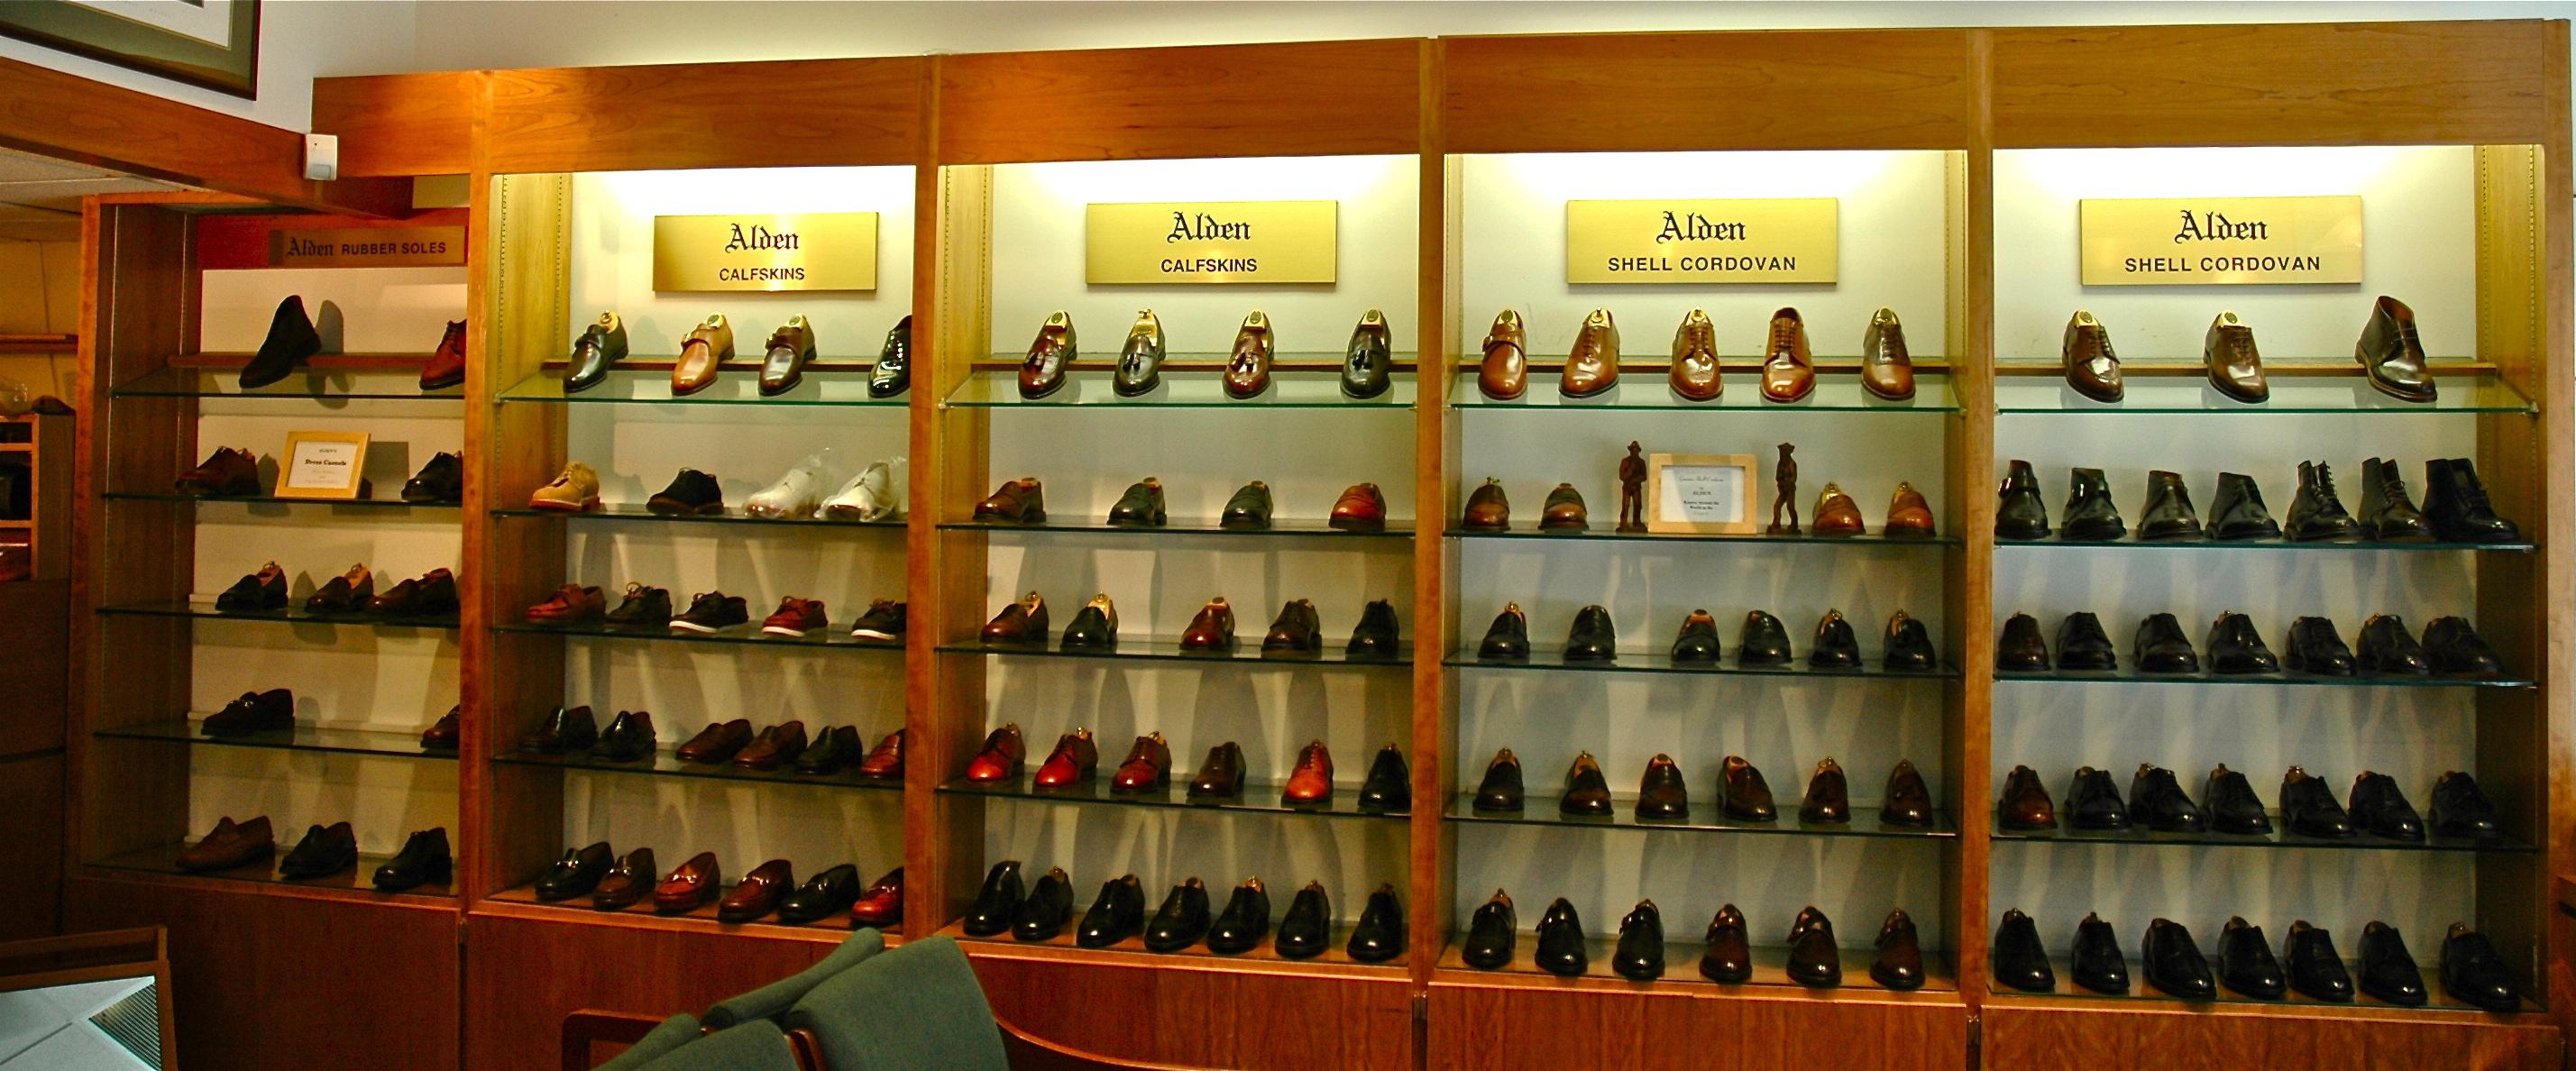 shoes shoes shop